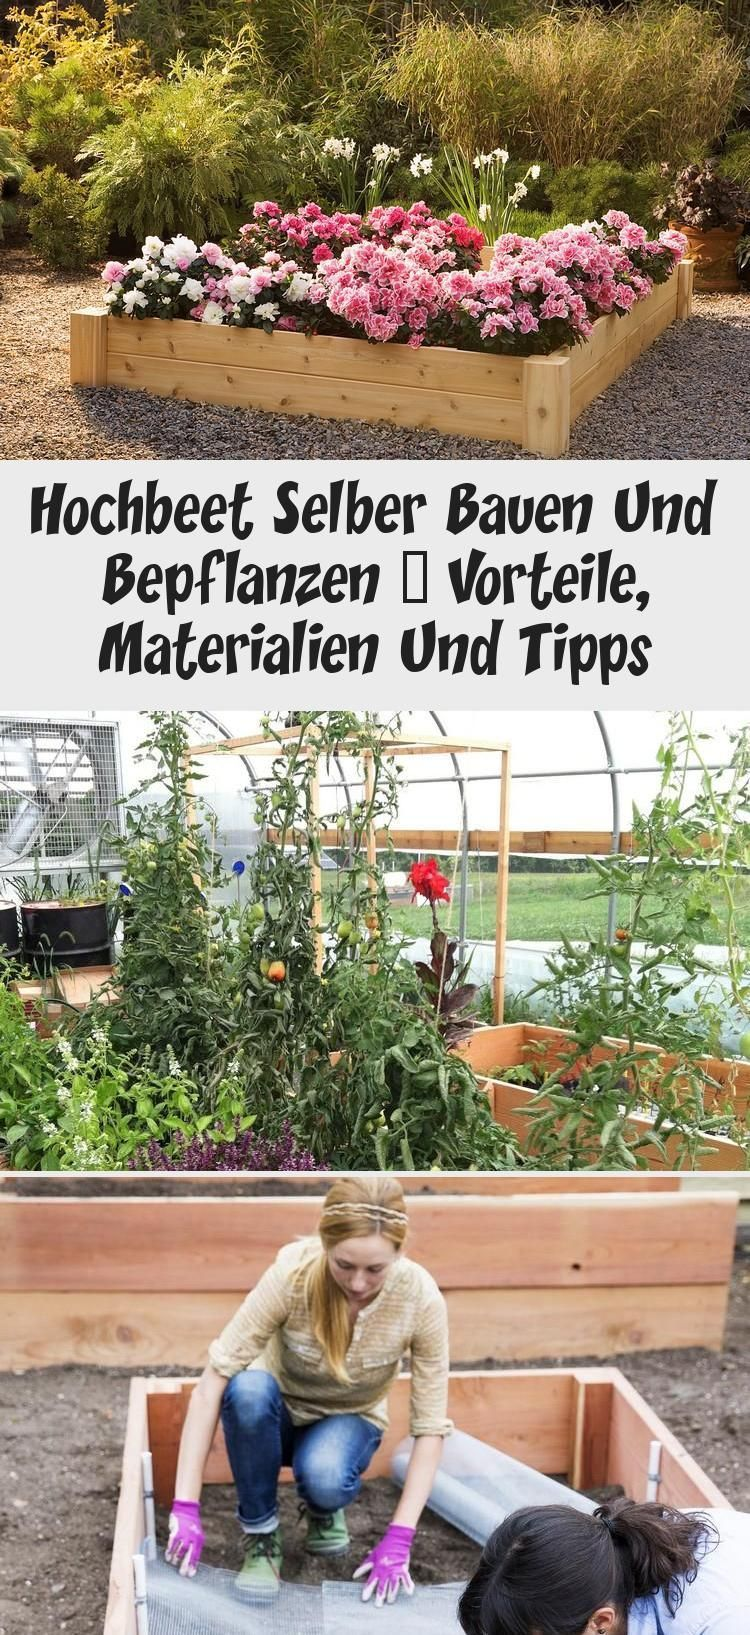 Garden Hochbeet Bauen Und Selbst Pflanzen Vorteile Materialien Und Tipps In 2020 Plants